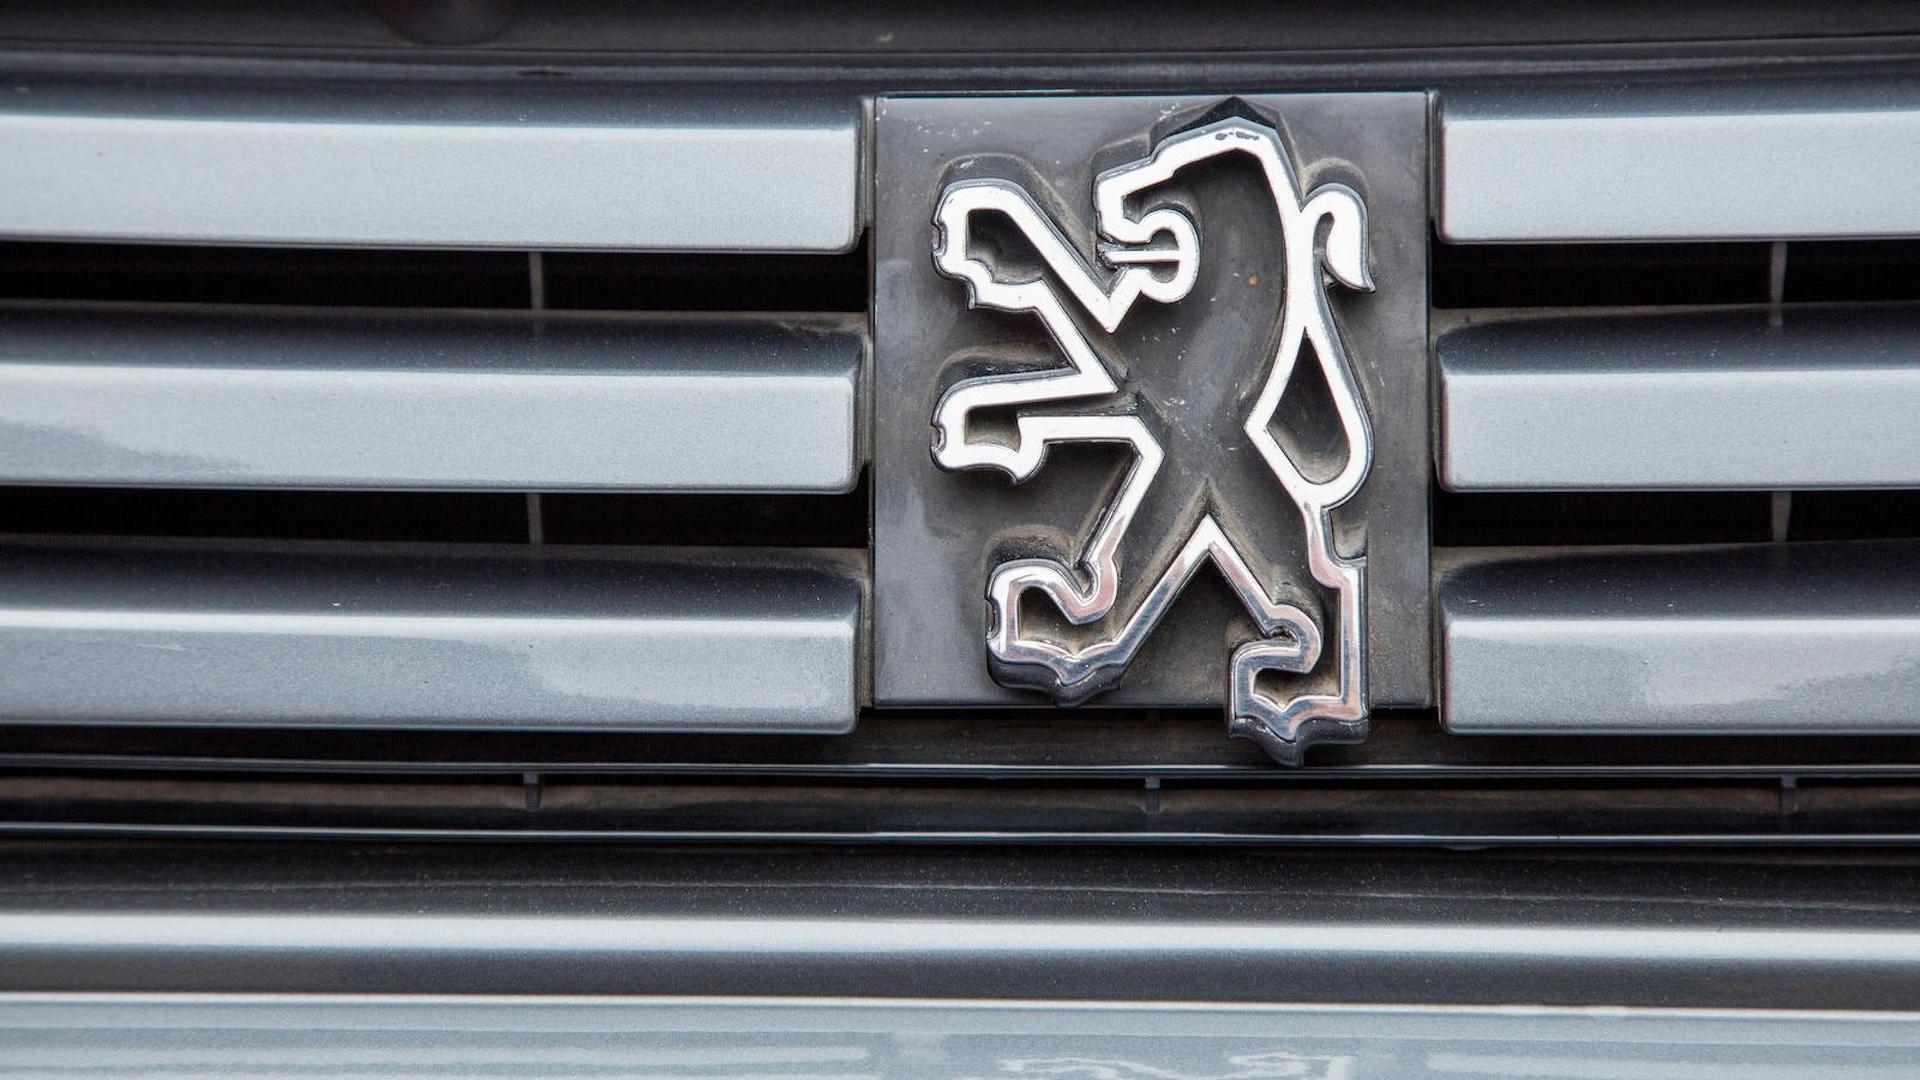 1985_Peugeot_205_Turbo_16_20